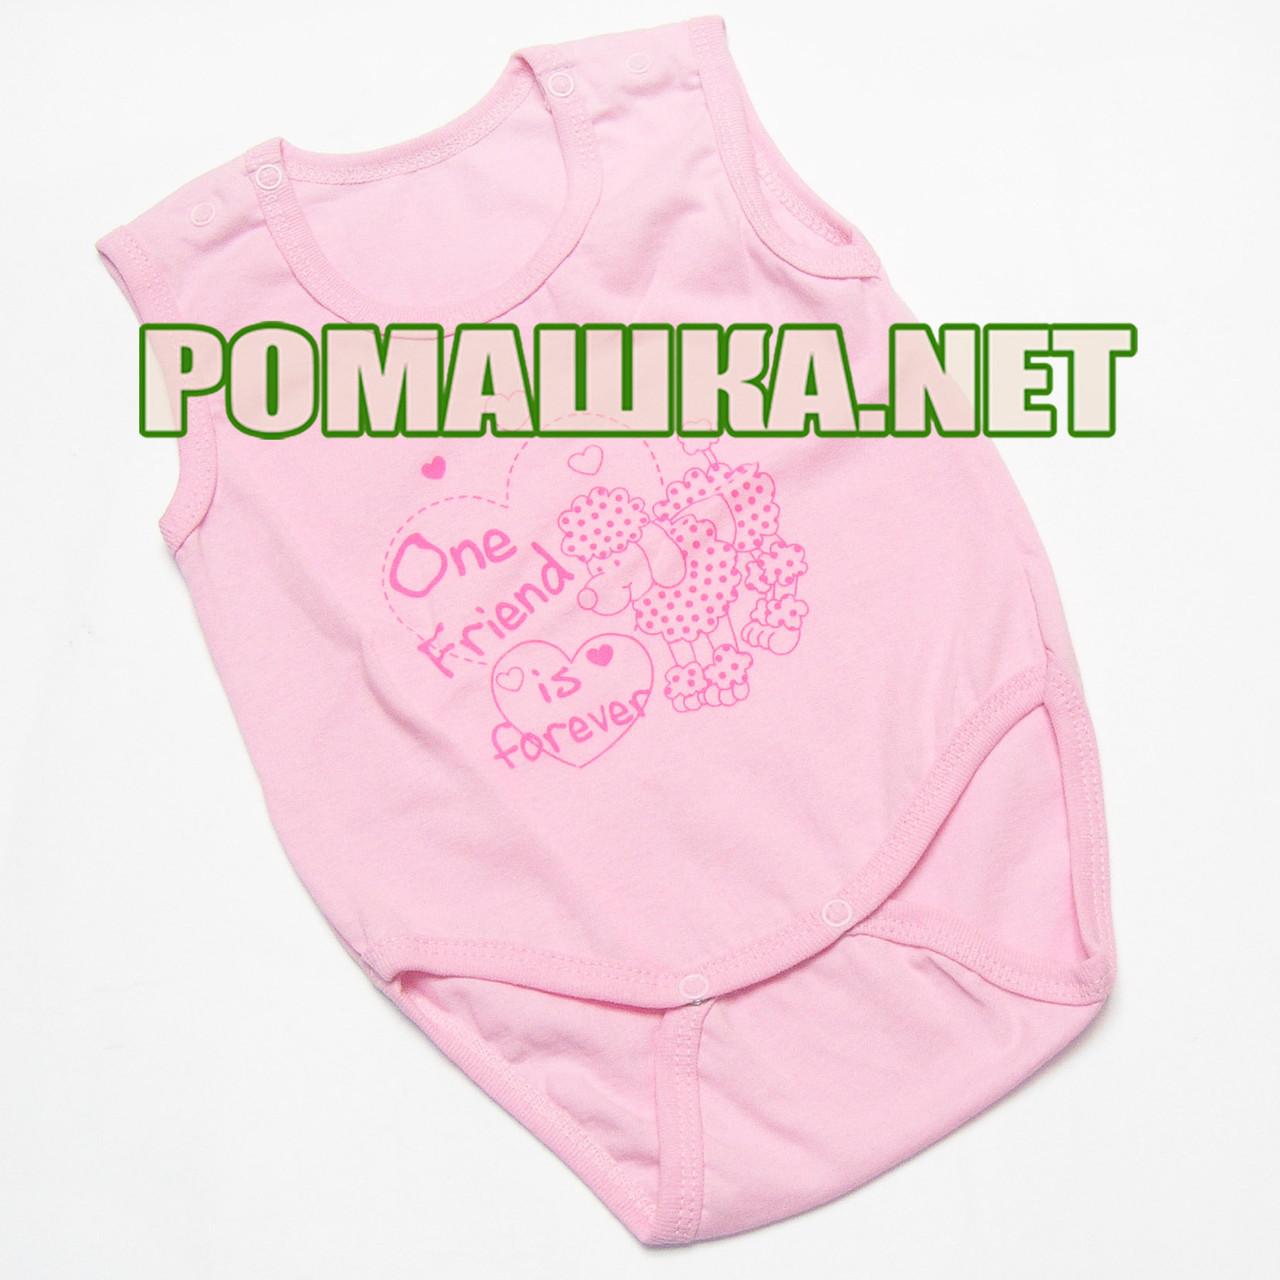 Детский боди-майка р. 74 ткань КУЛИР 100% тонкий хлопок ТМ Авекс 3091 Розовый Б